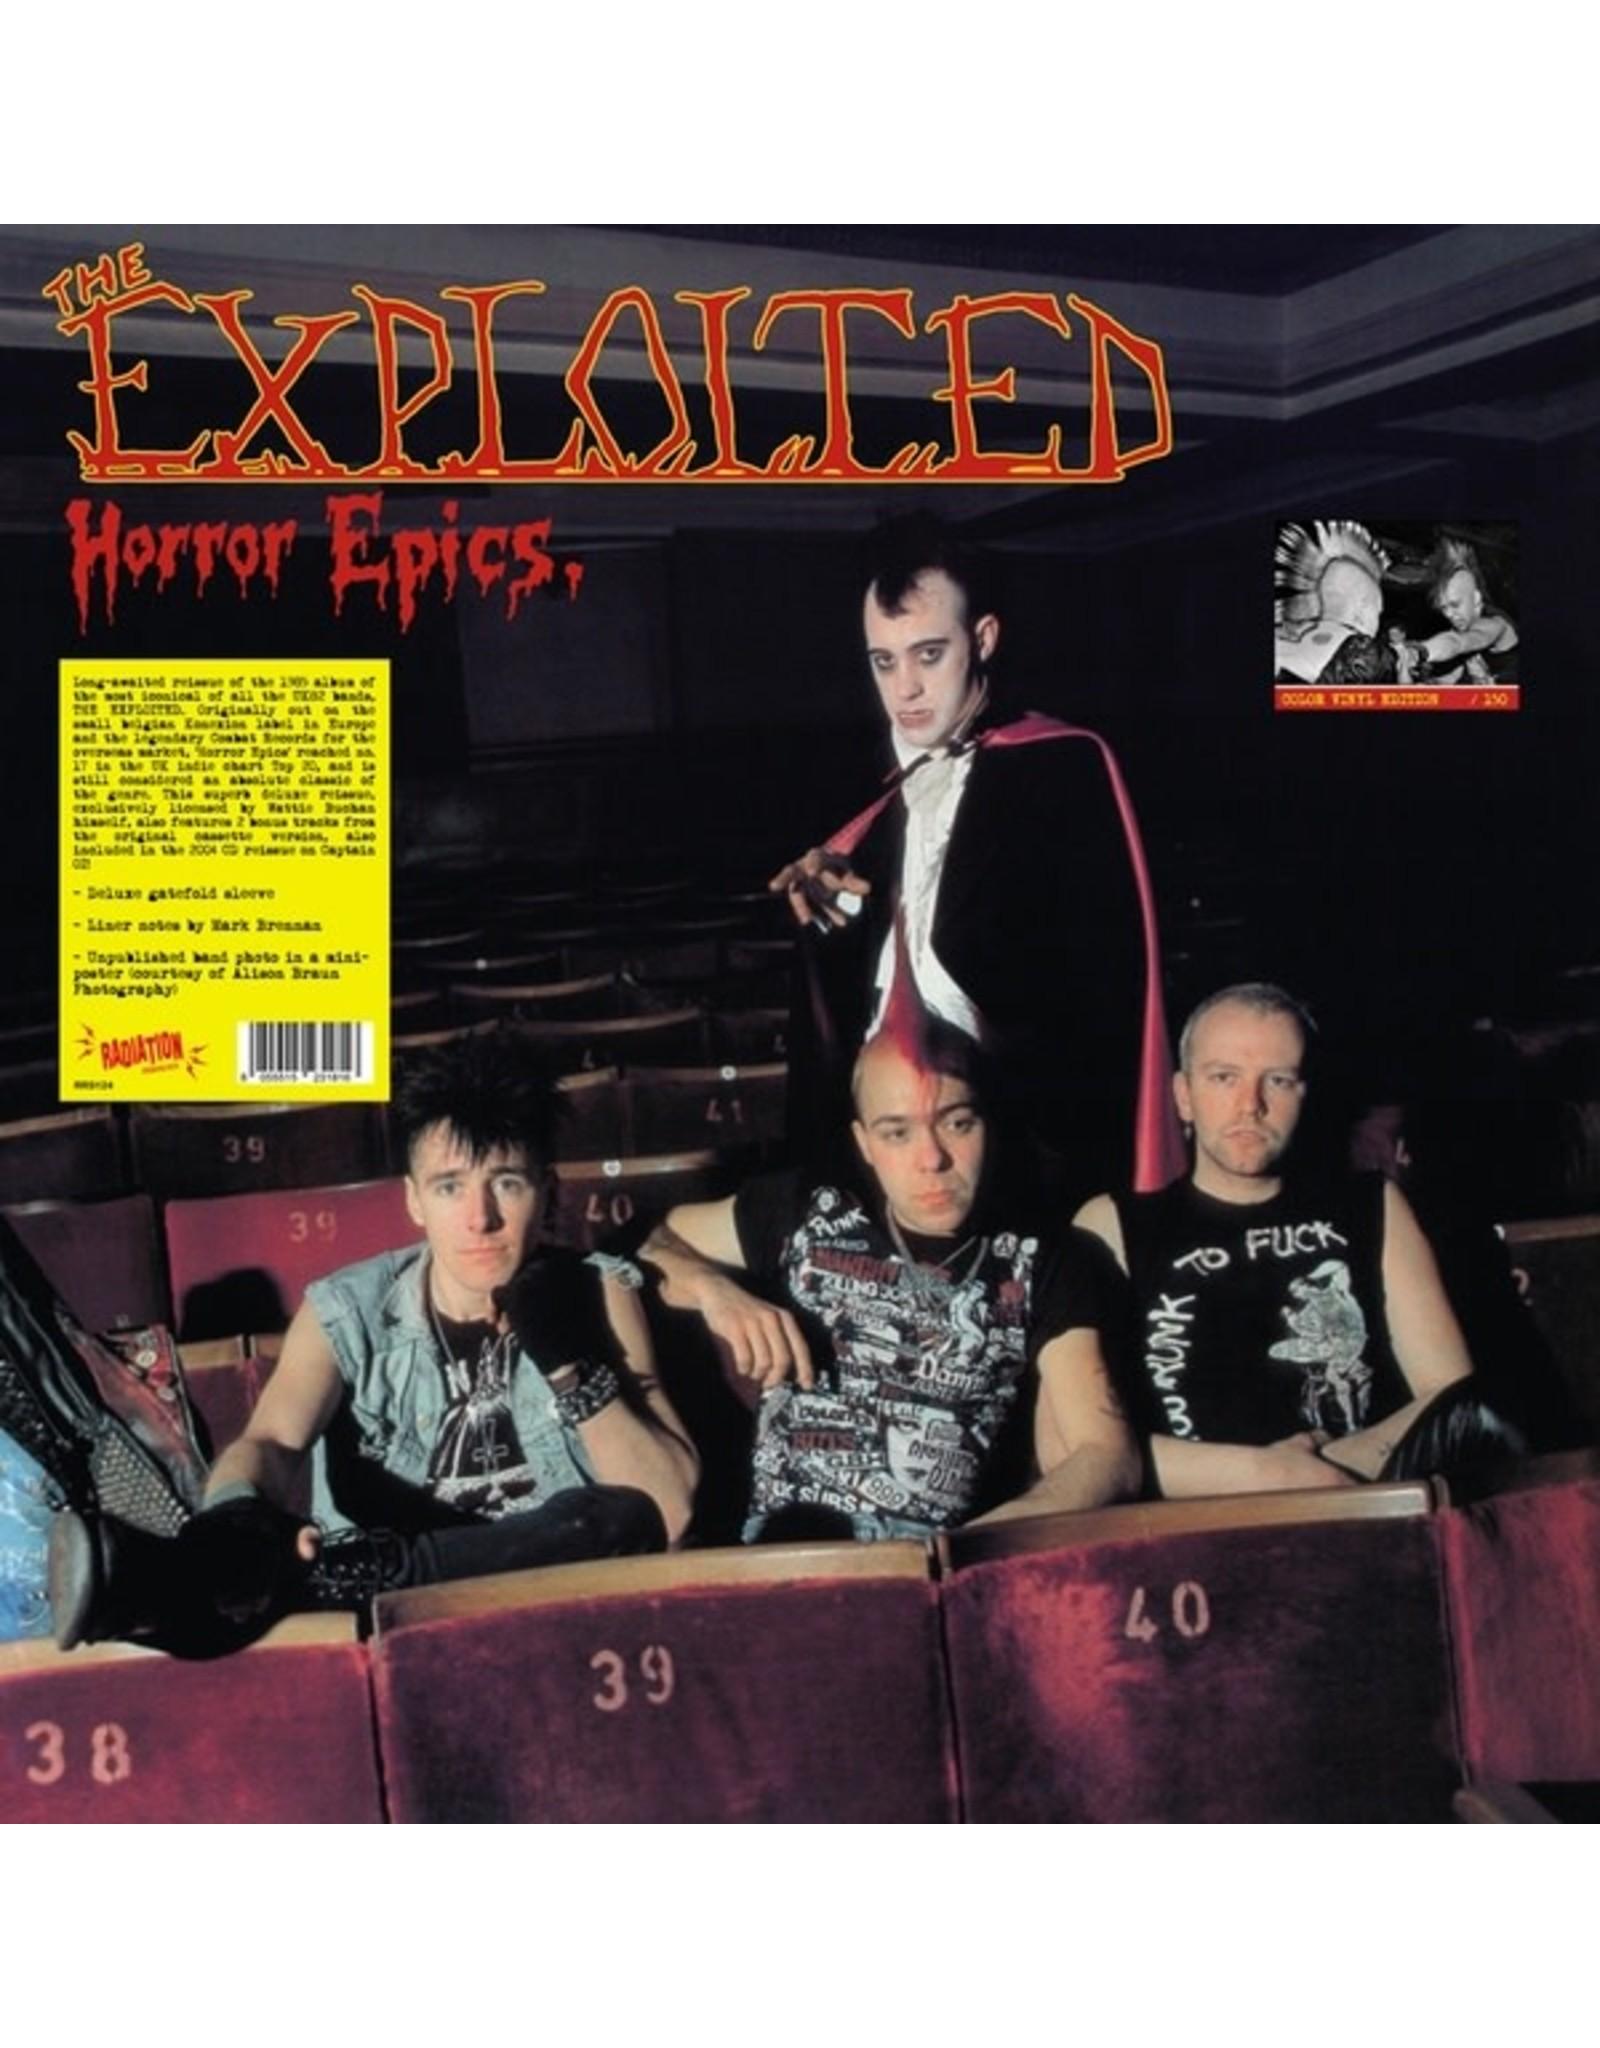 New Vinyl The Exploited - Horror Epics LP